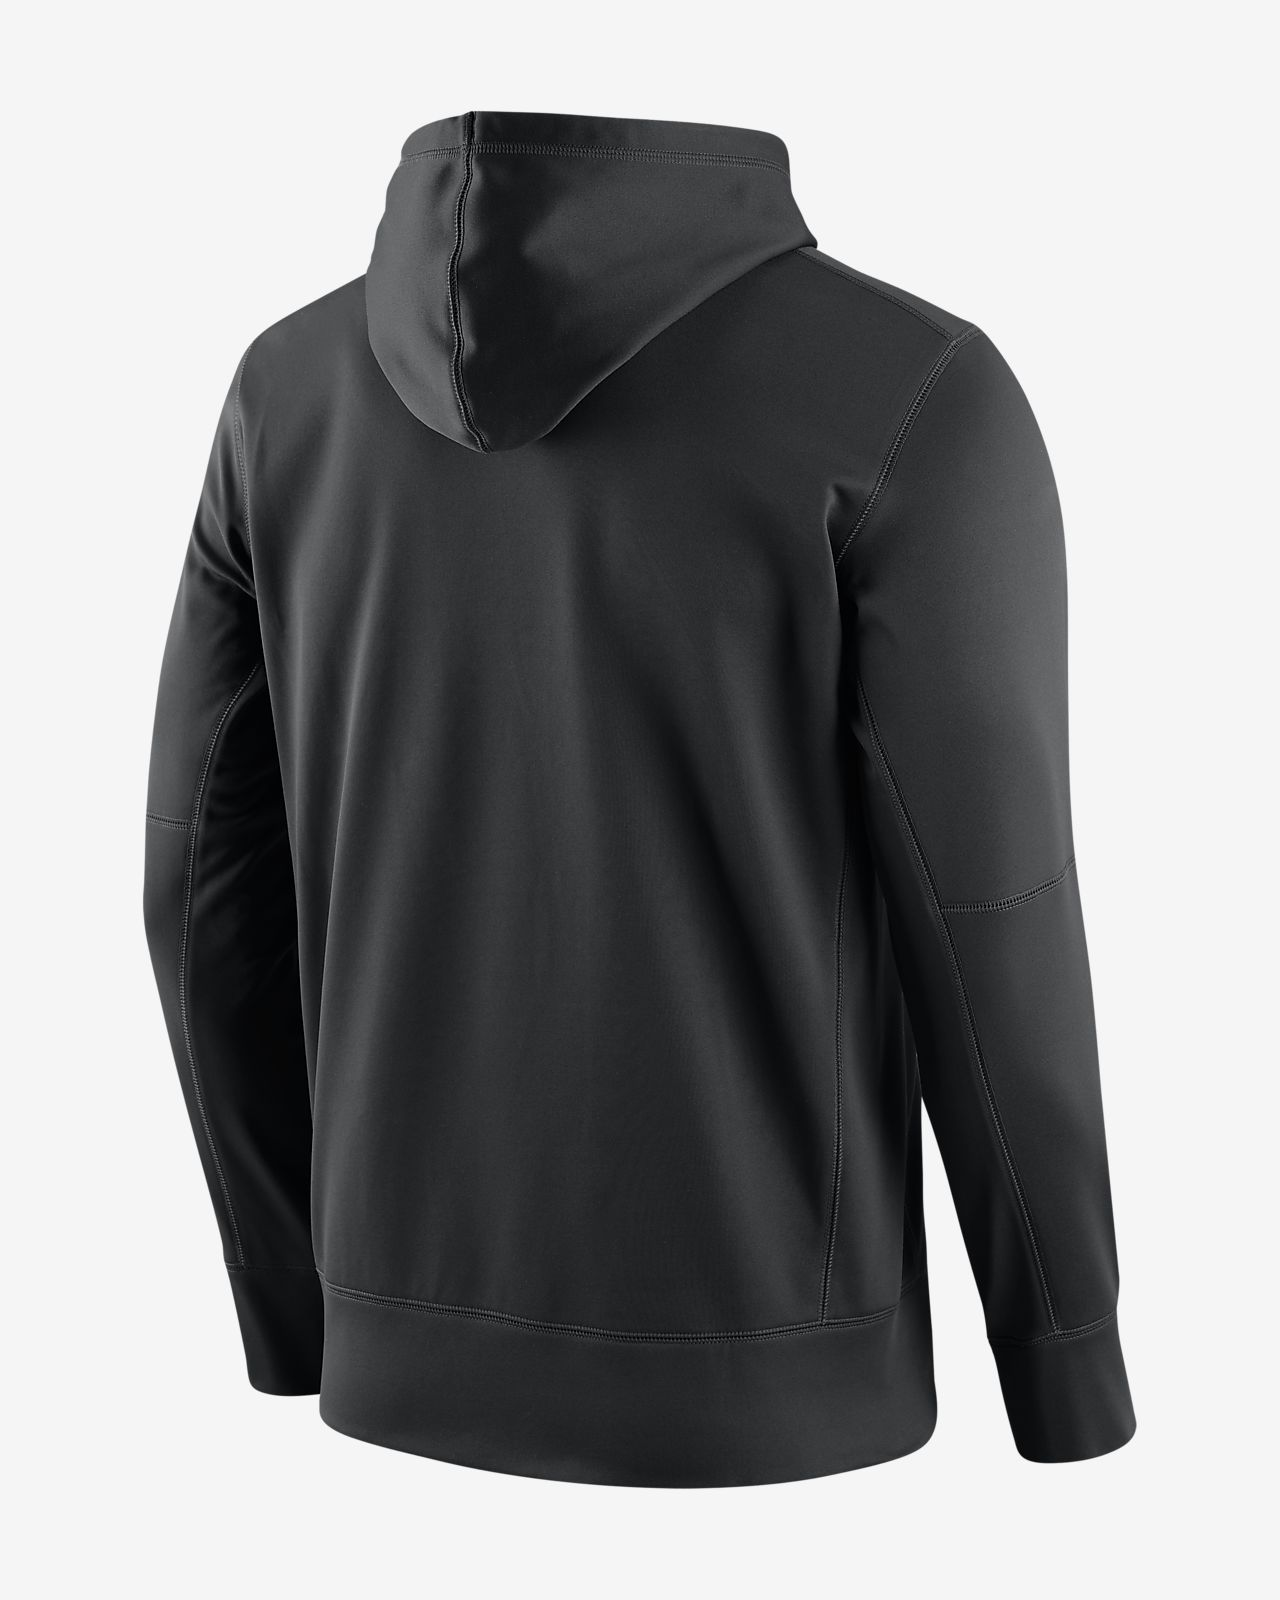 Herren Bekleidung Nike Fly Fleece (NFL Steelers) Herren